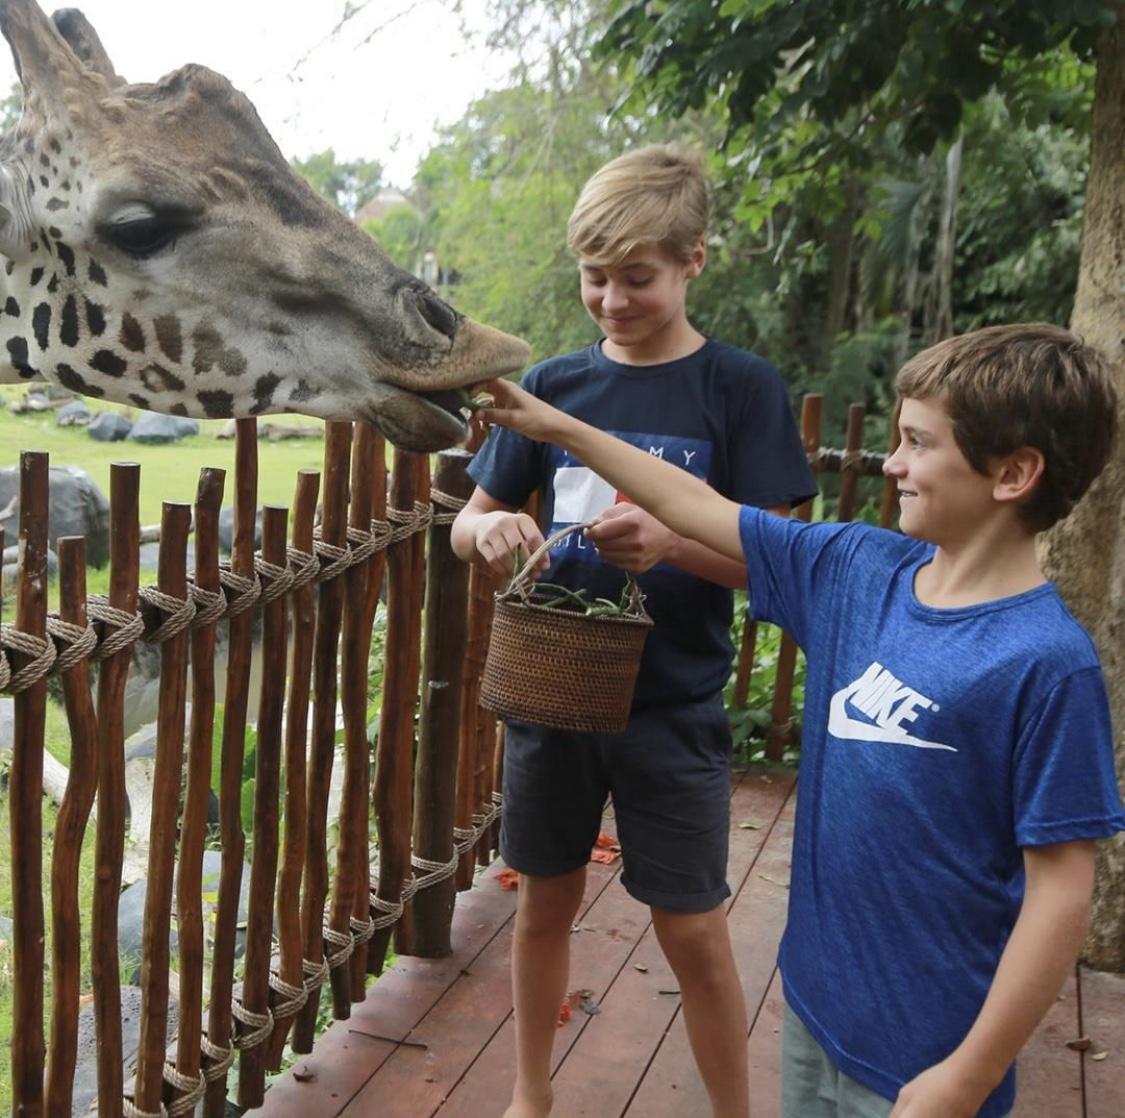 tween boy feeding giraffe